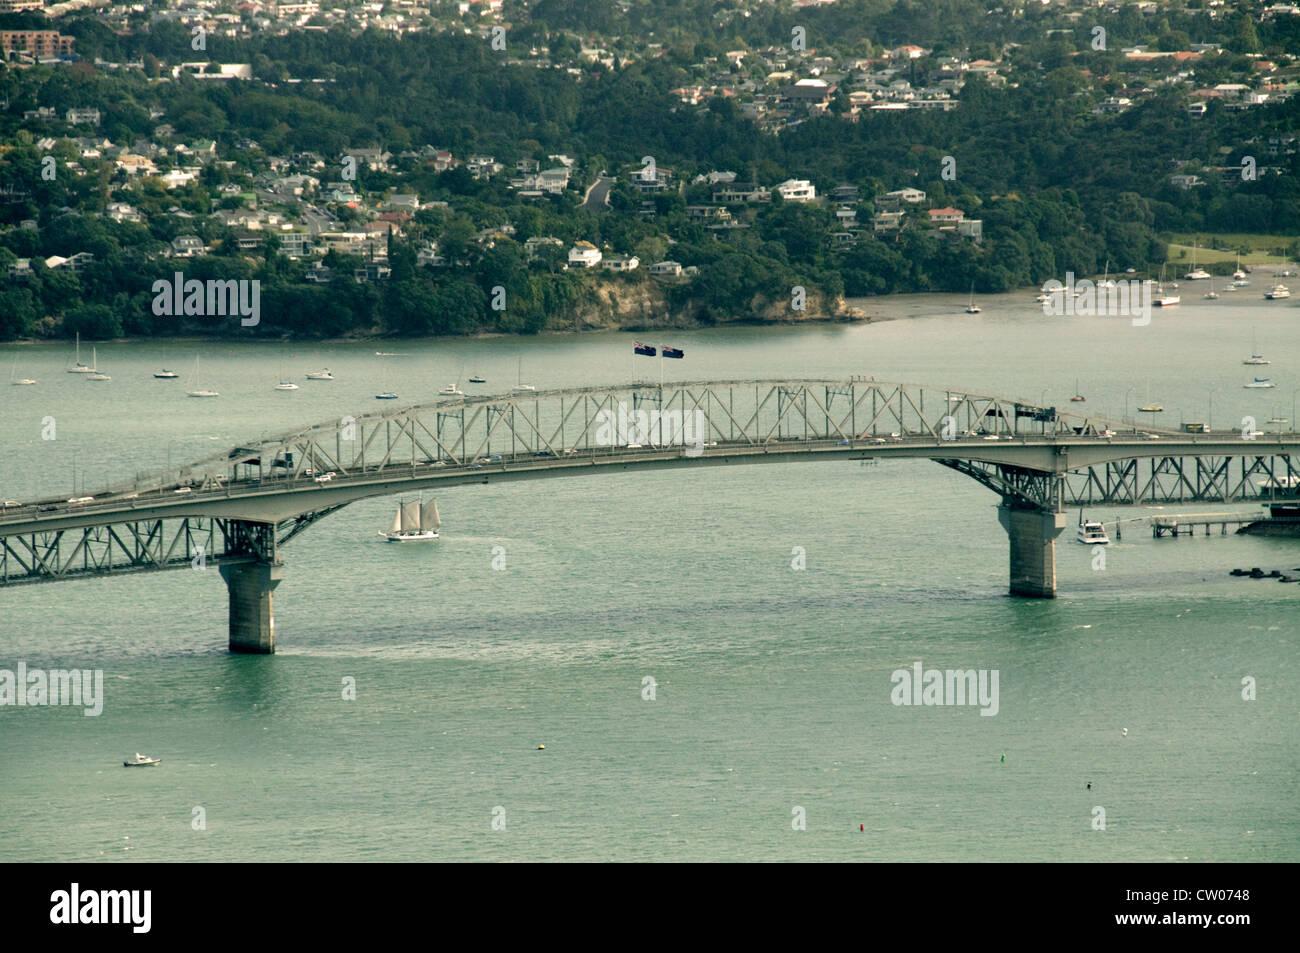 Auckland Harbour Bridge across Waitemata Bay in Auckland, New Zealand - Stock Image